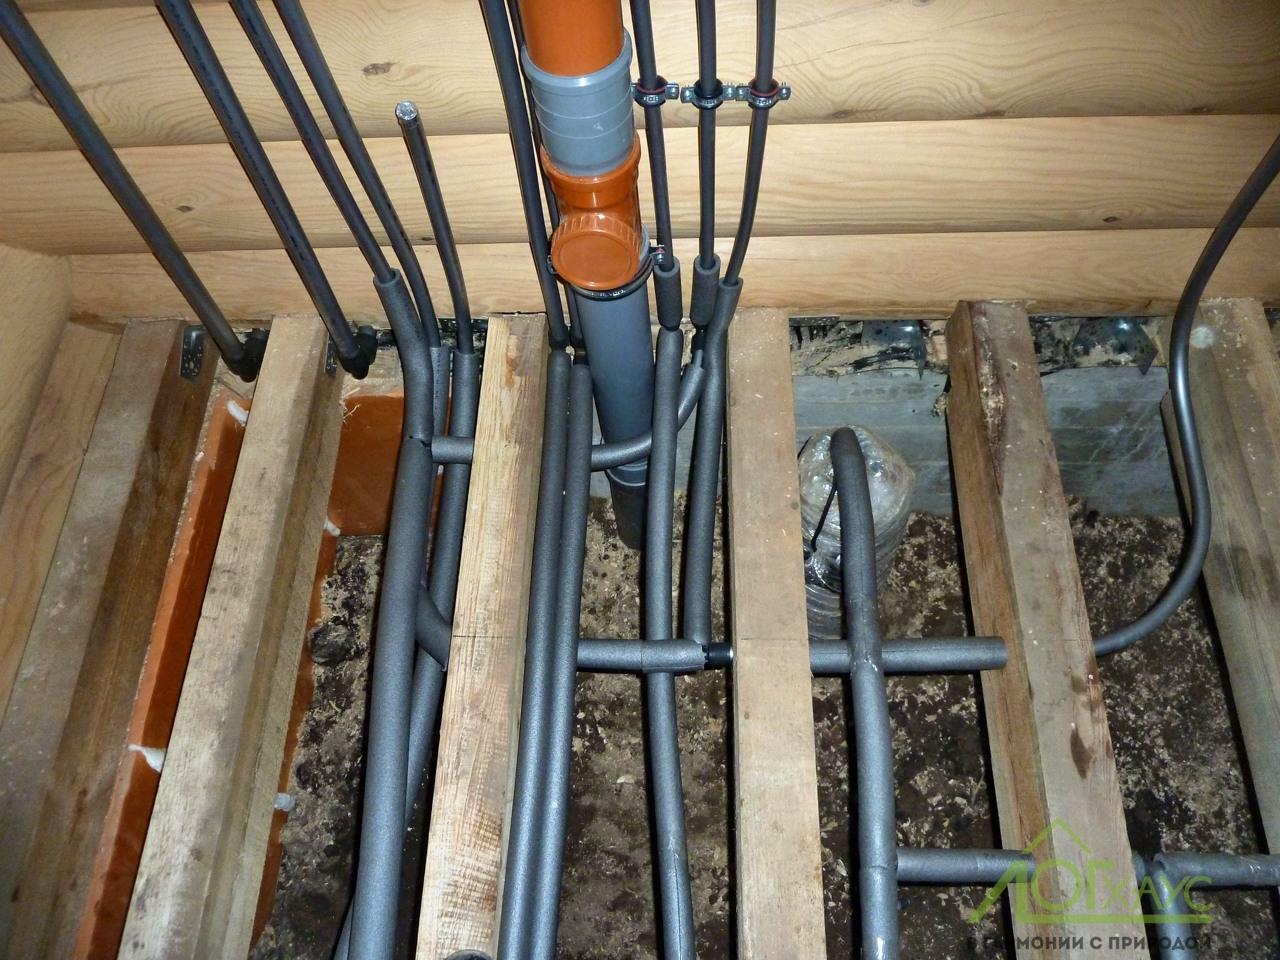 Монтаж инженерных коммуникаций в полу деревянного дома